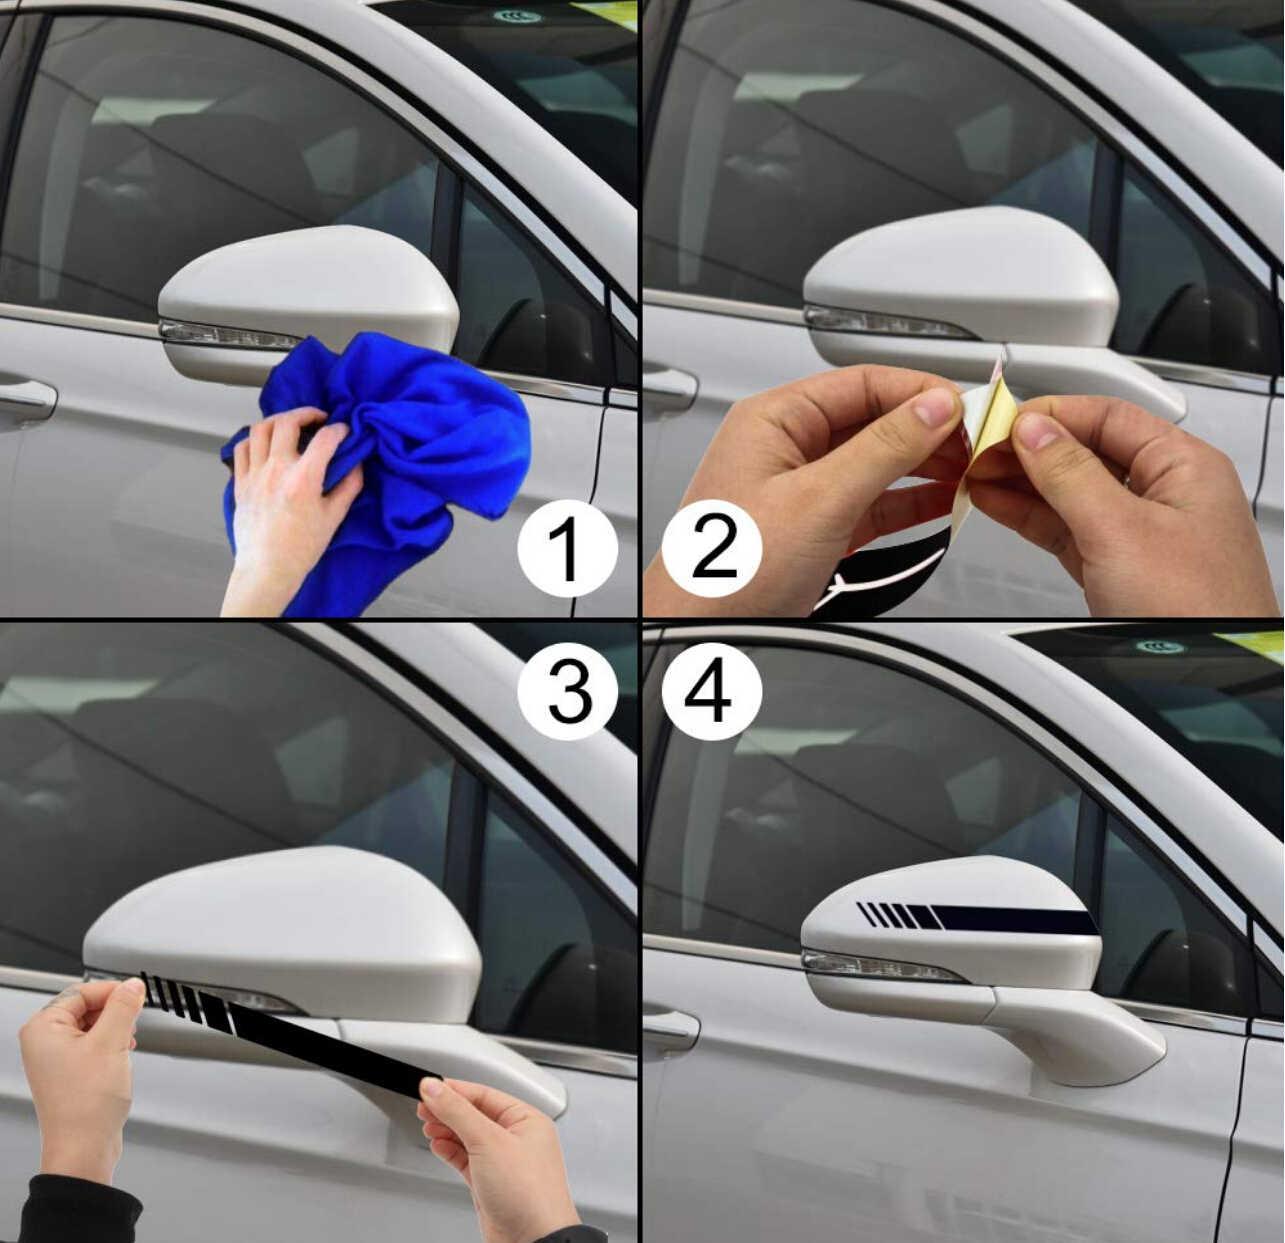 2 шт./партия автомобильный Стайлинг авто внедорожник виниловая графика Автомобильная наклейка зеркало заднего вида боковая наклейка полоса DIY наклейки для автомобиля